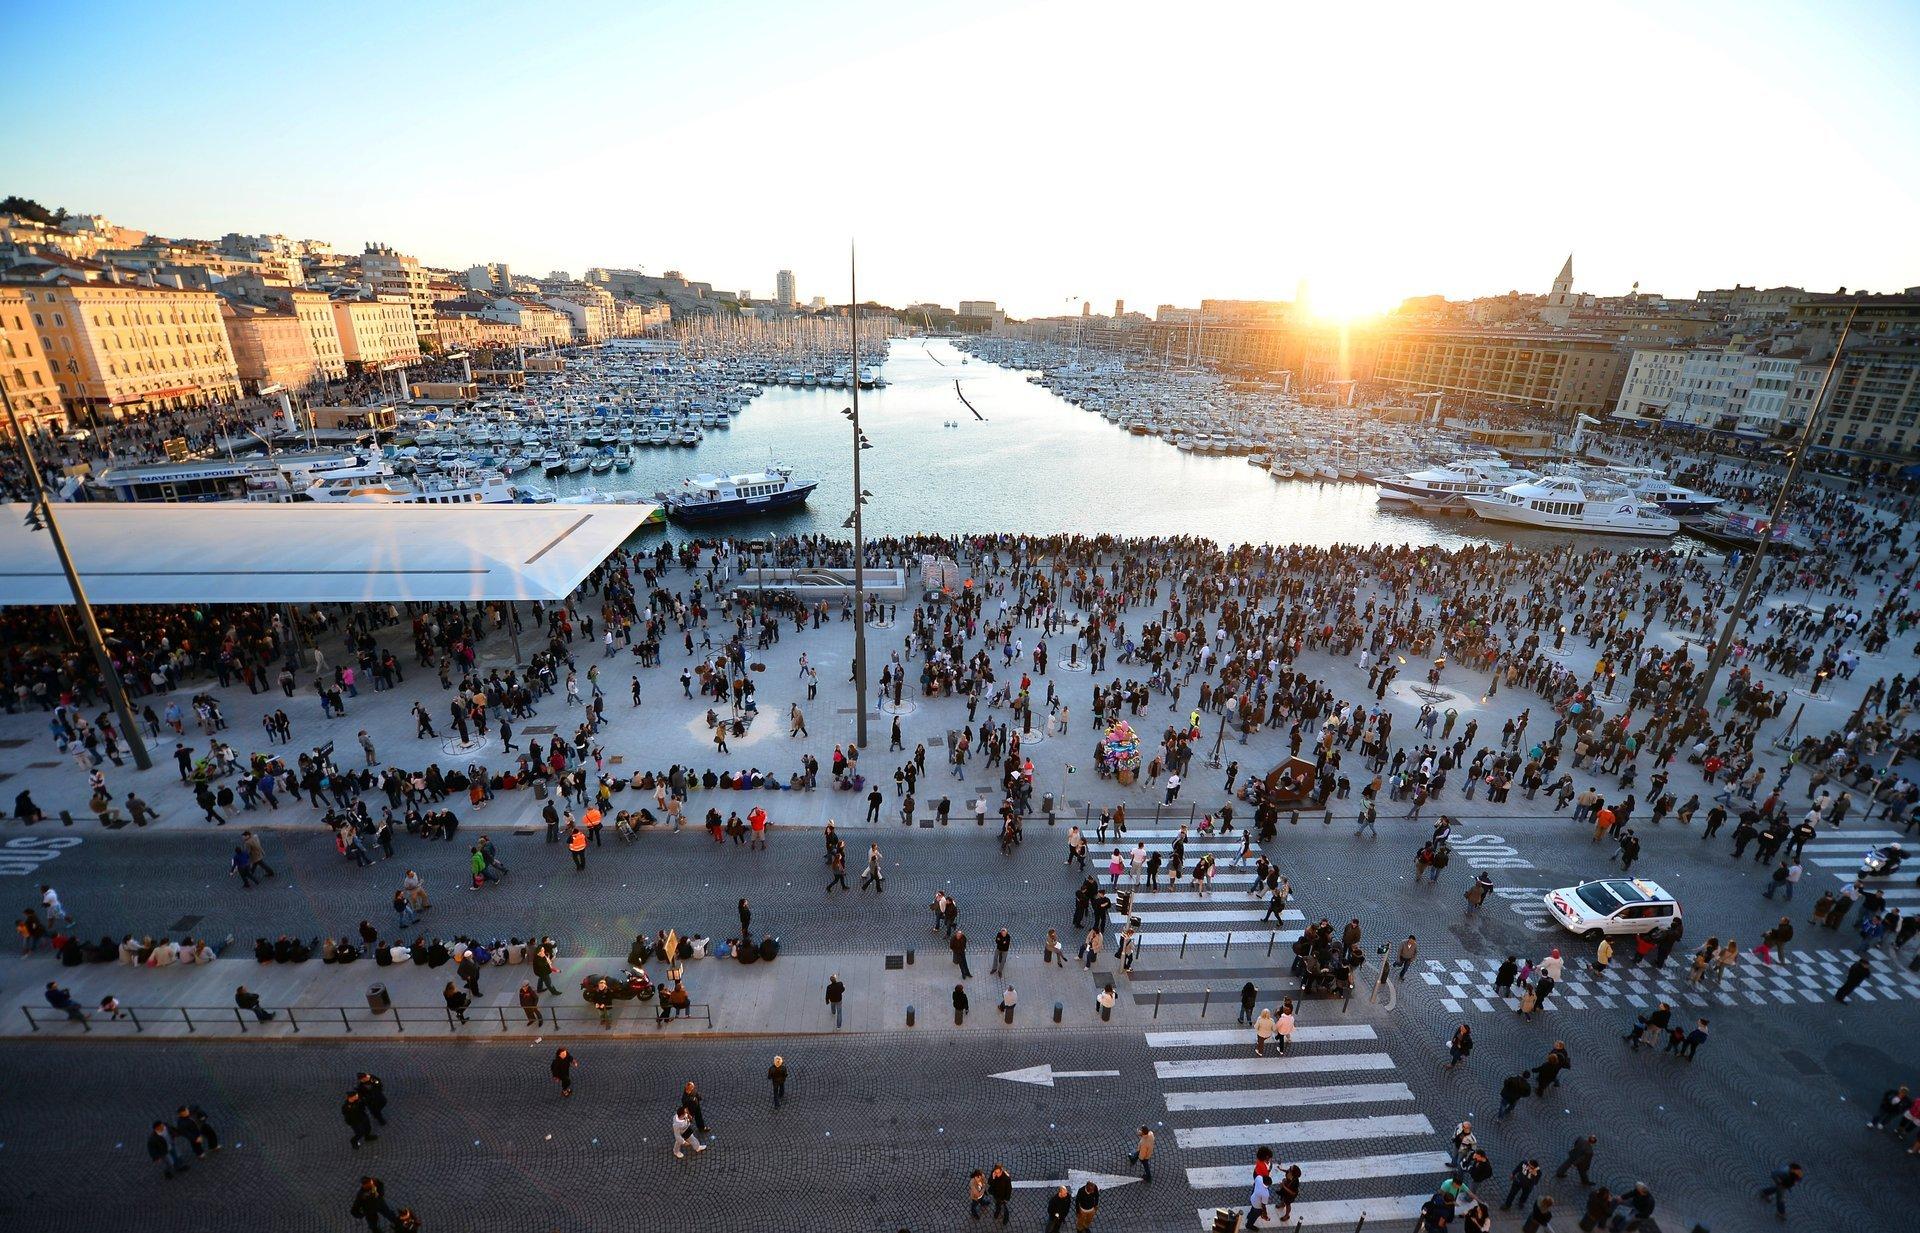 Der alte Hafen von Marseille mit Blick auf die Altstadt Panier und die neuen Museen.